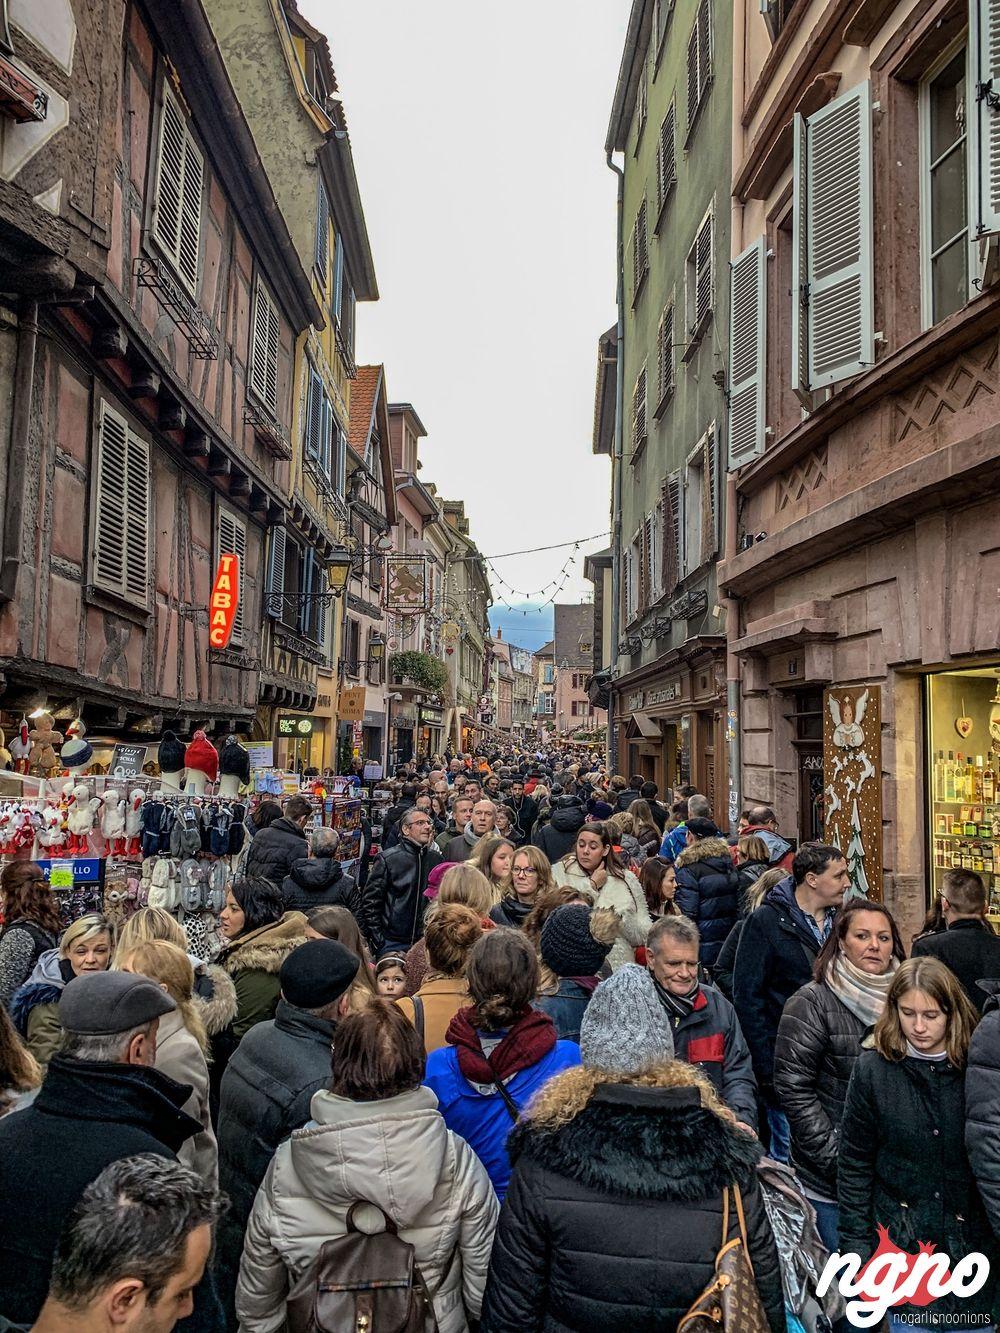 colmar-christmas-market-nogarlicnoonions-42018-12-15-08-42-59